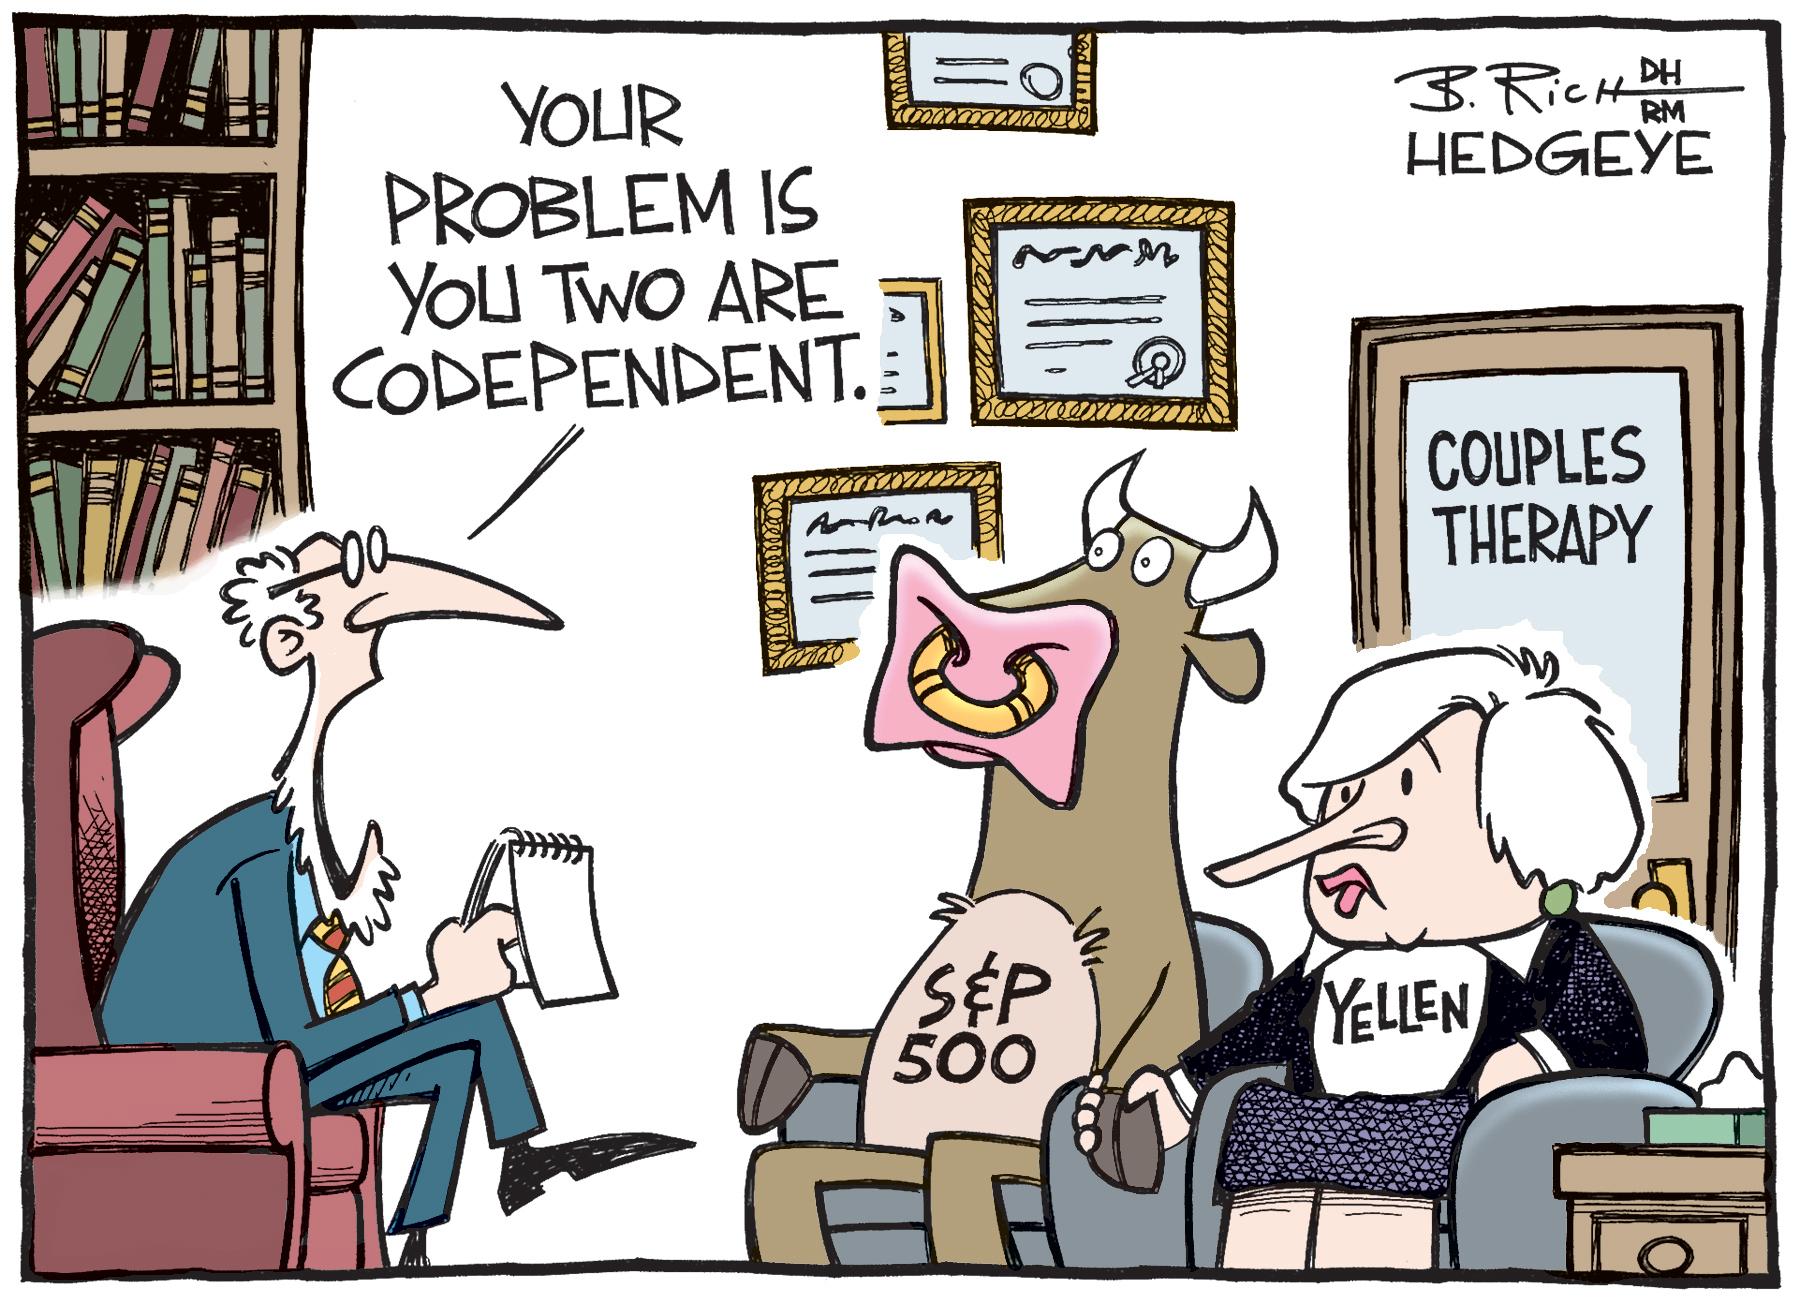 Risultati immagini per yellen markets hedgeye